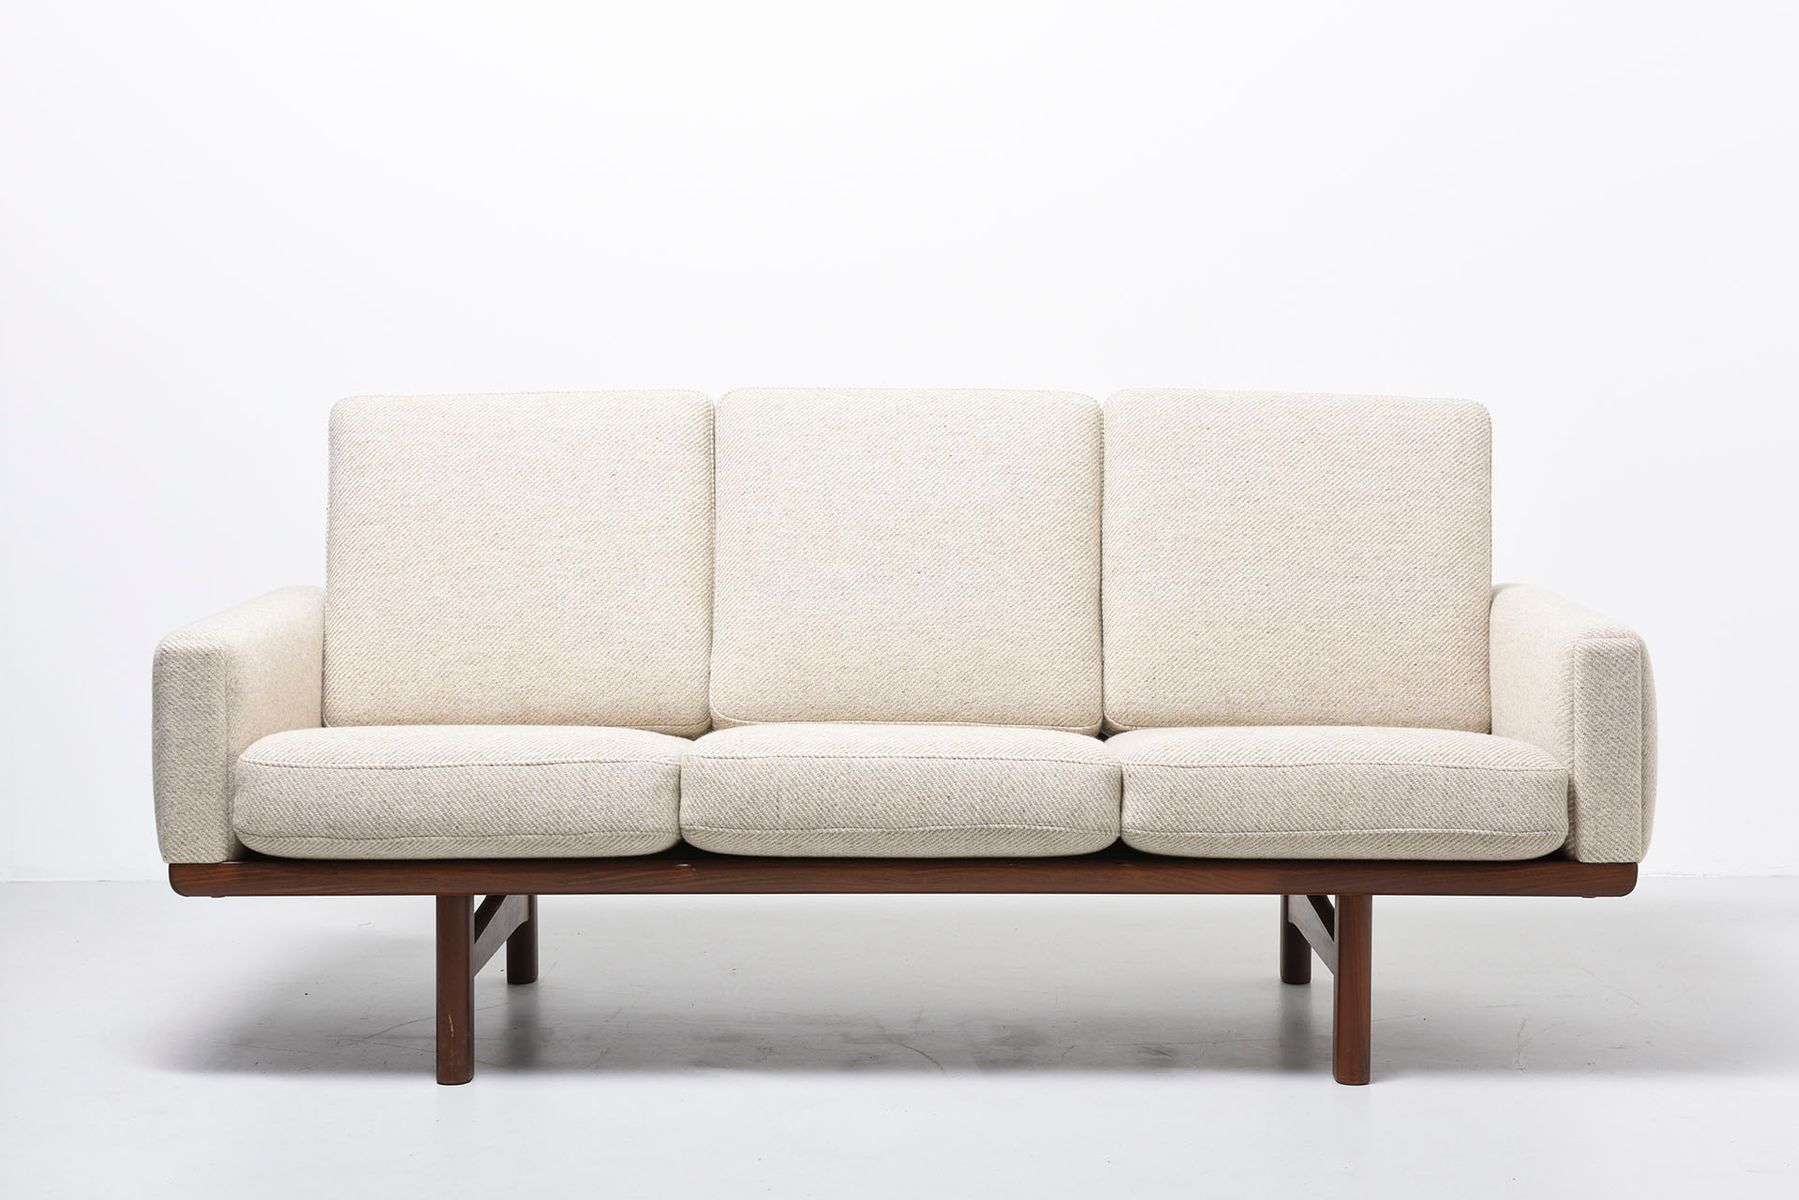 Vintage Model GE 236 3 Teak 3 Seater Sofa by Hans J Wegner for